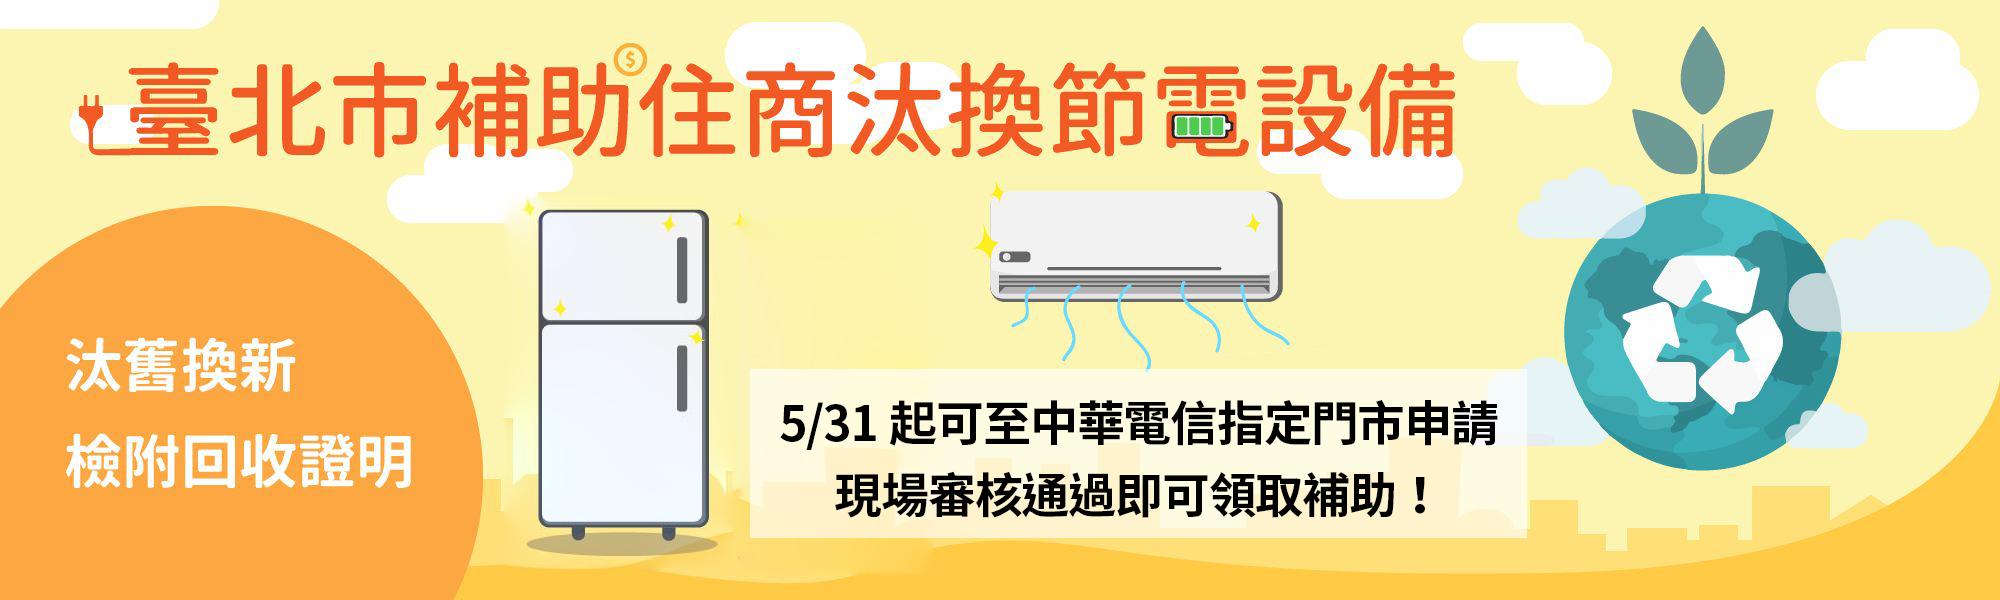 5月31日起,北市節能家電補助與中華電信指定門市合作!民眾就近申請,現場審核通過即可領取補助[另開新視窗]